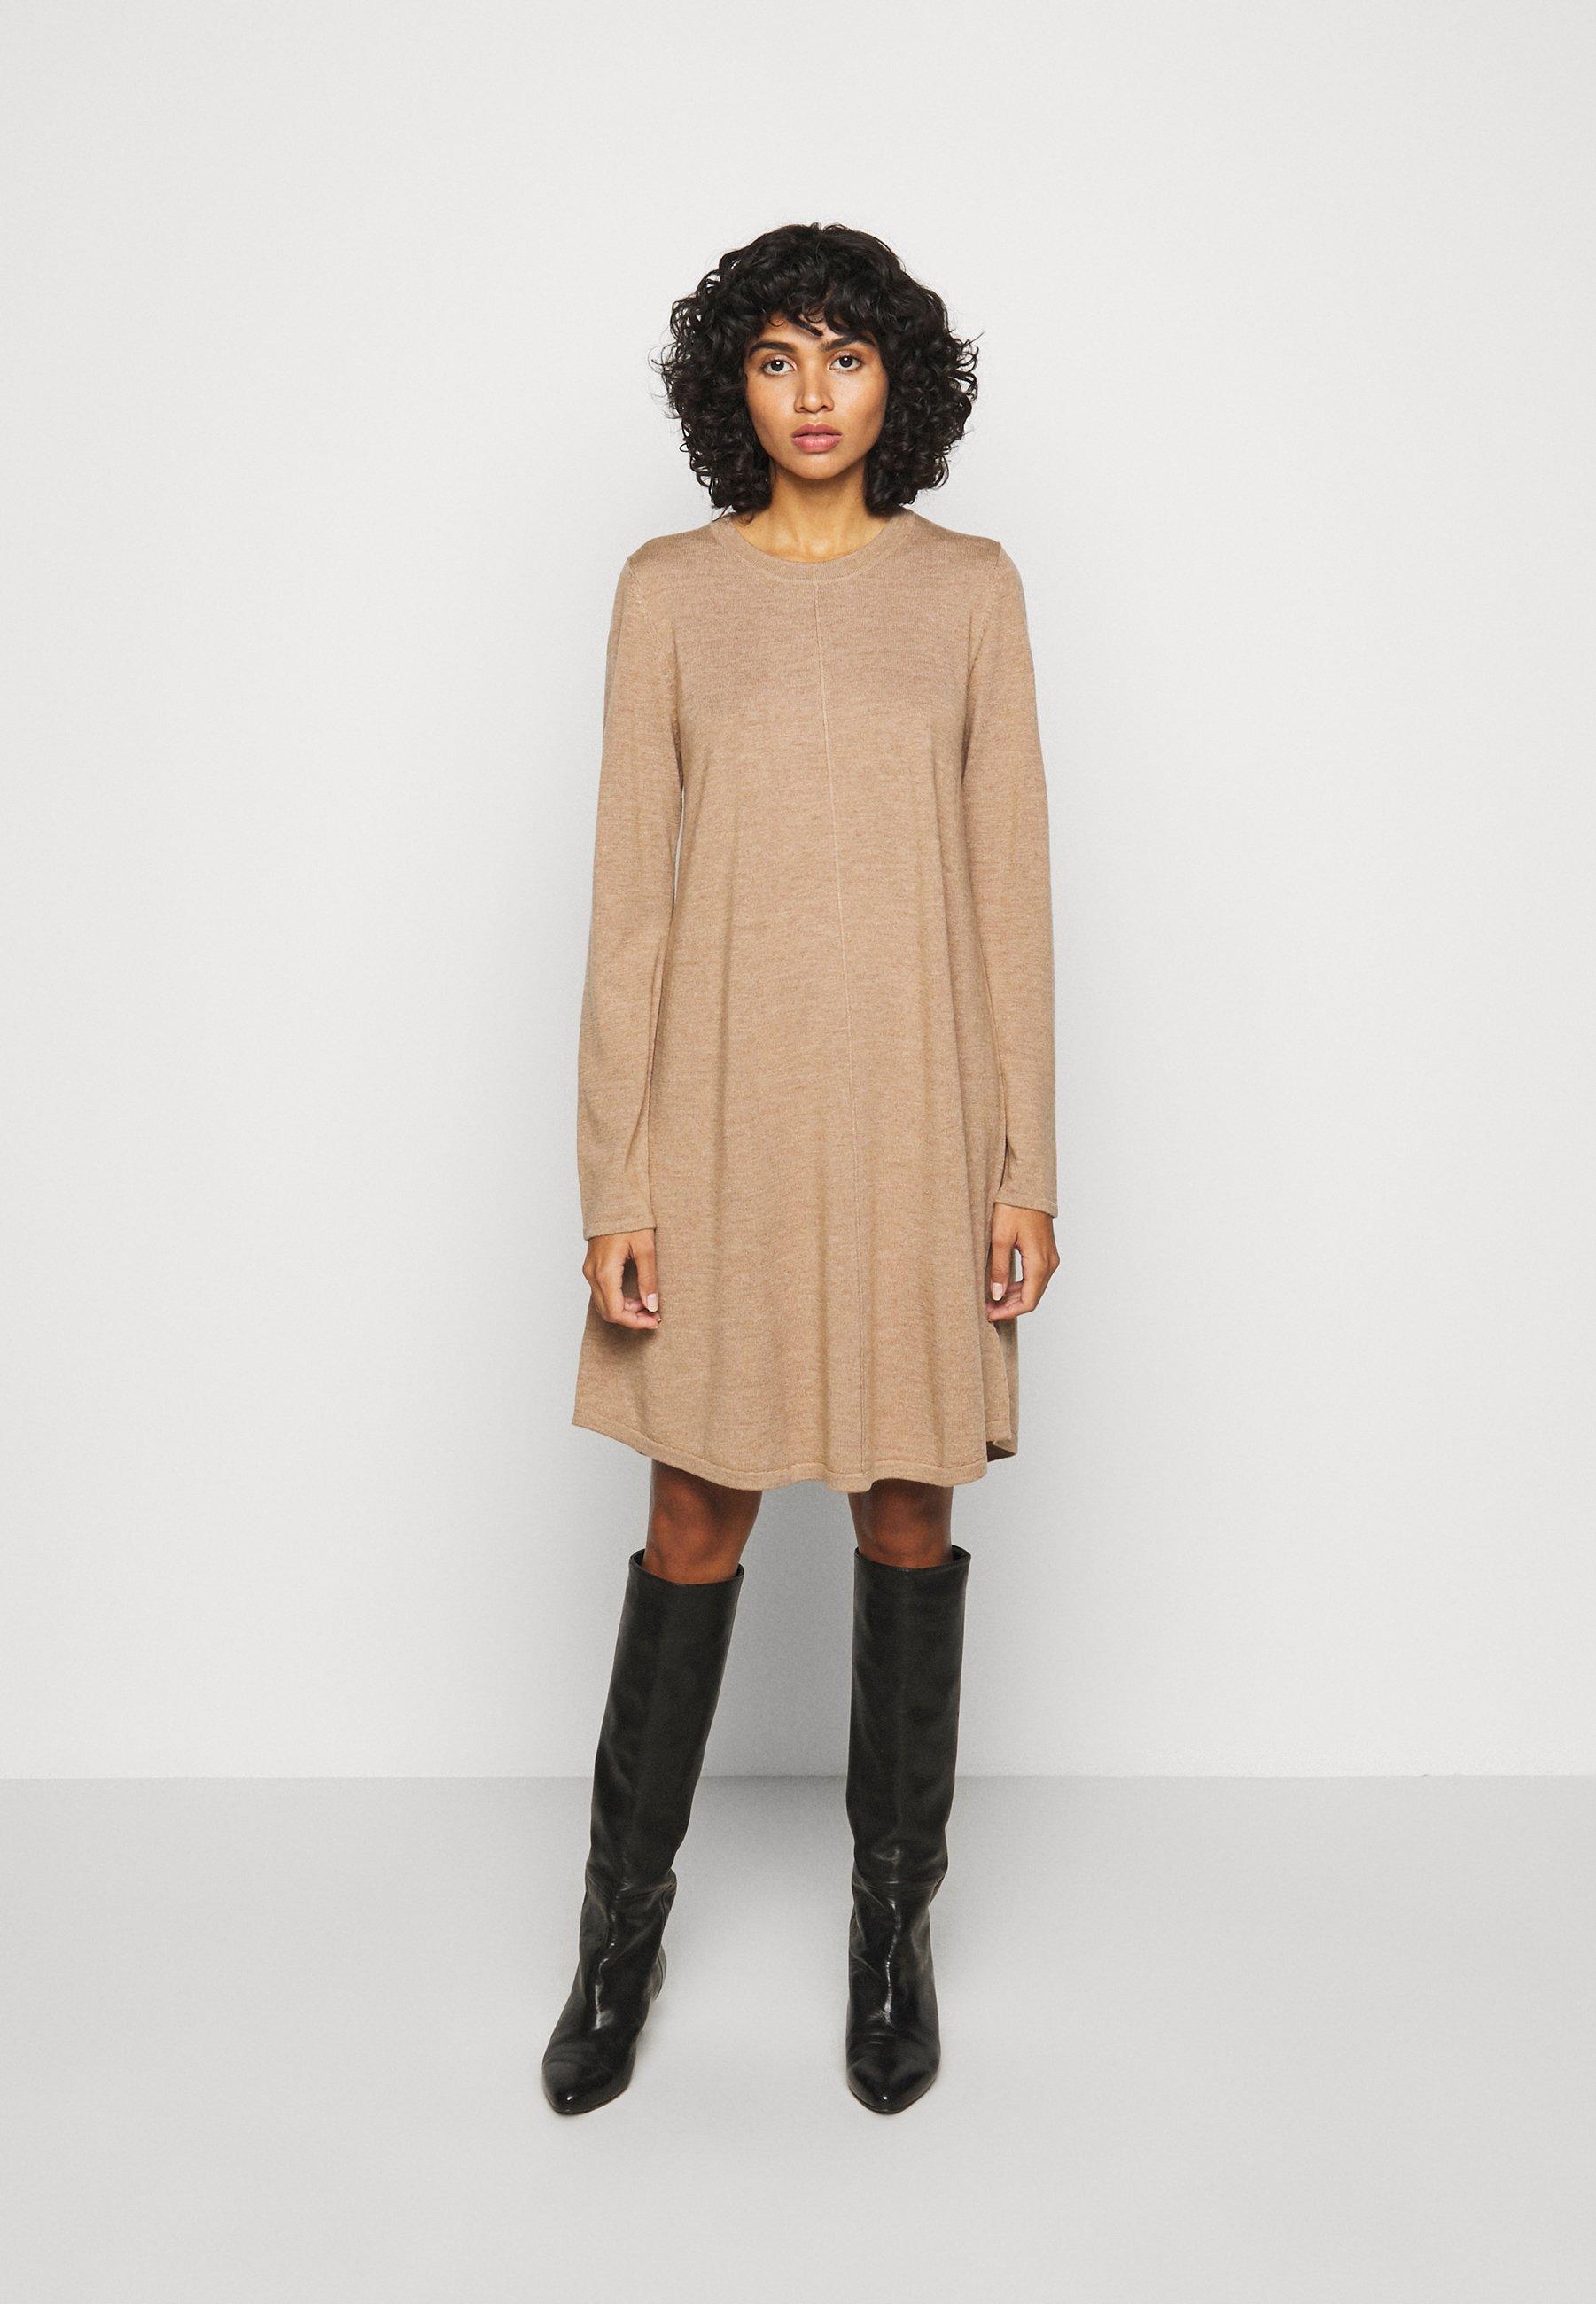 Femme DRESS - Robe pull